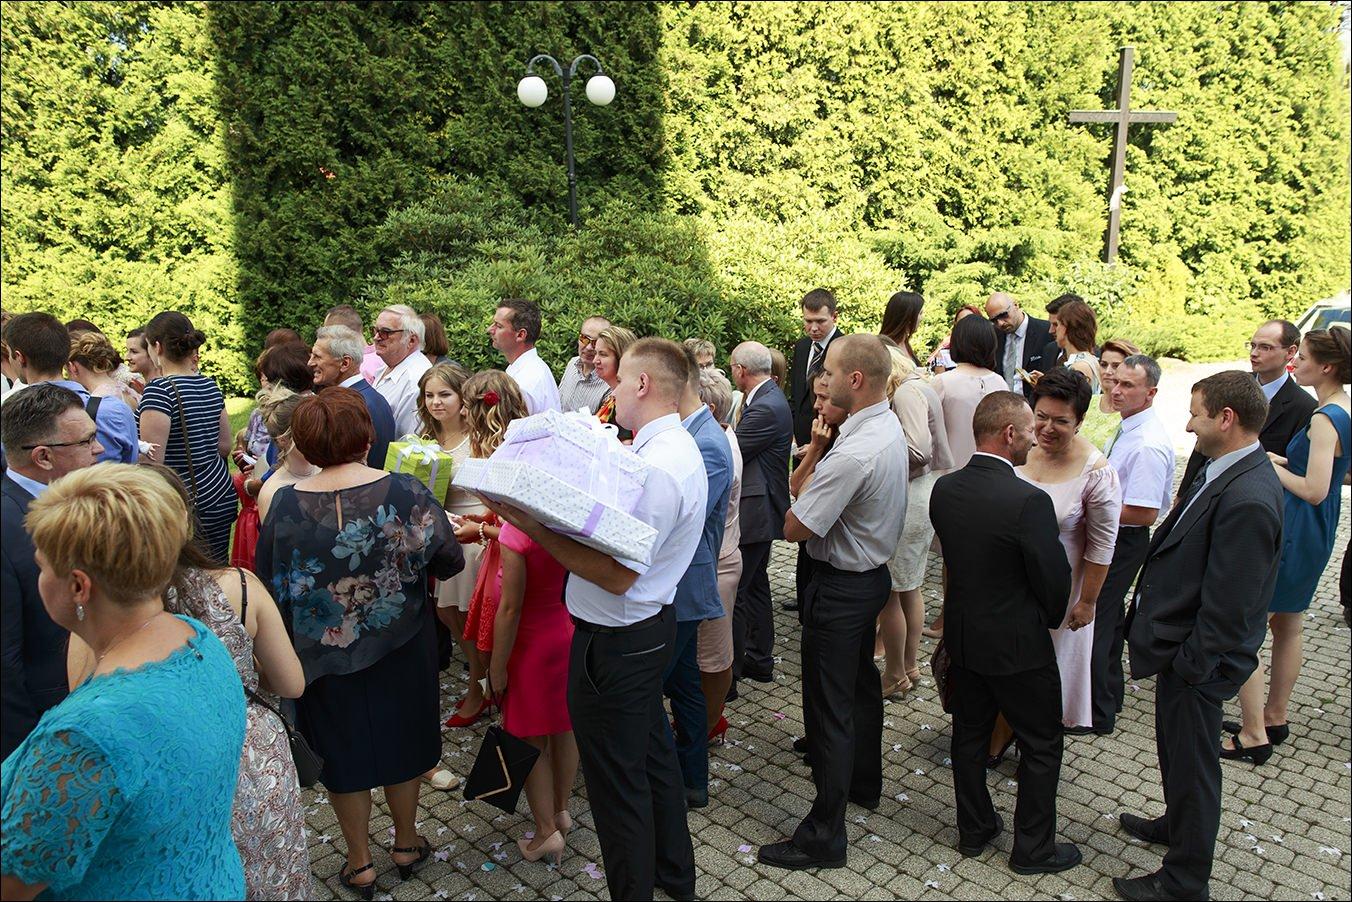 fotograf slub bielsko biala wirtuozeria aga daniel 54 - Wesele w Żywcu - AGNIESZKA & DANIEL